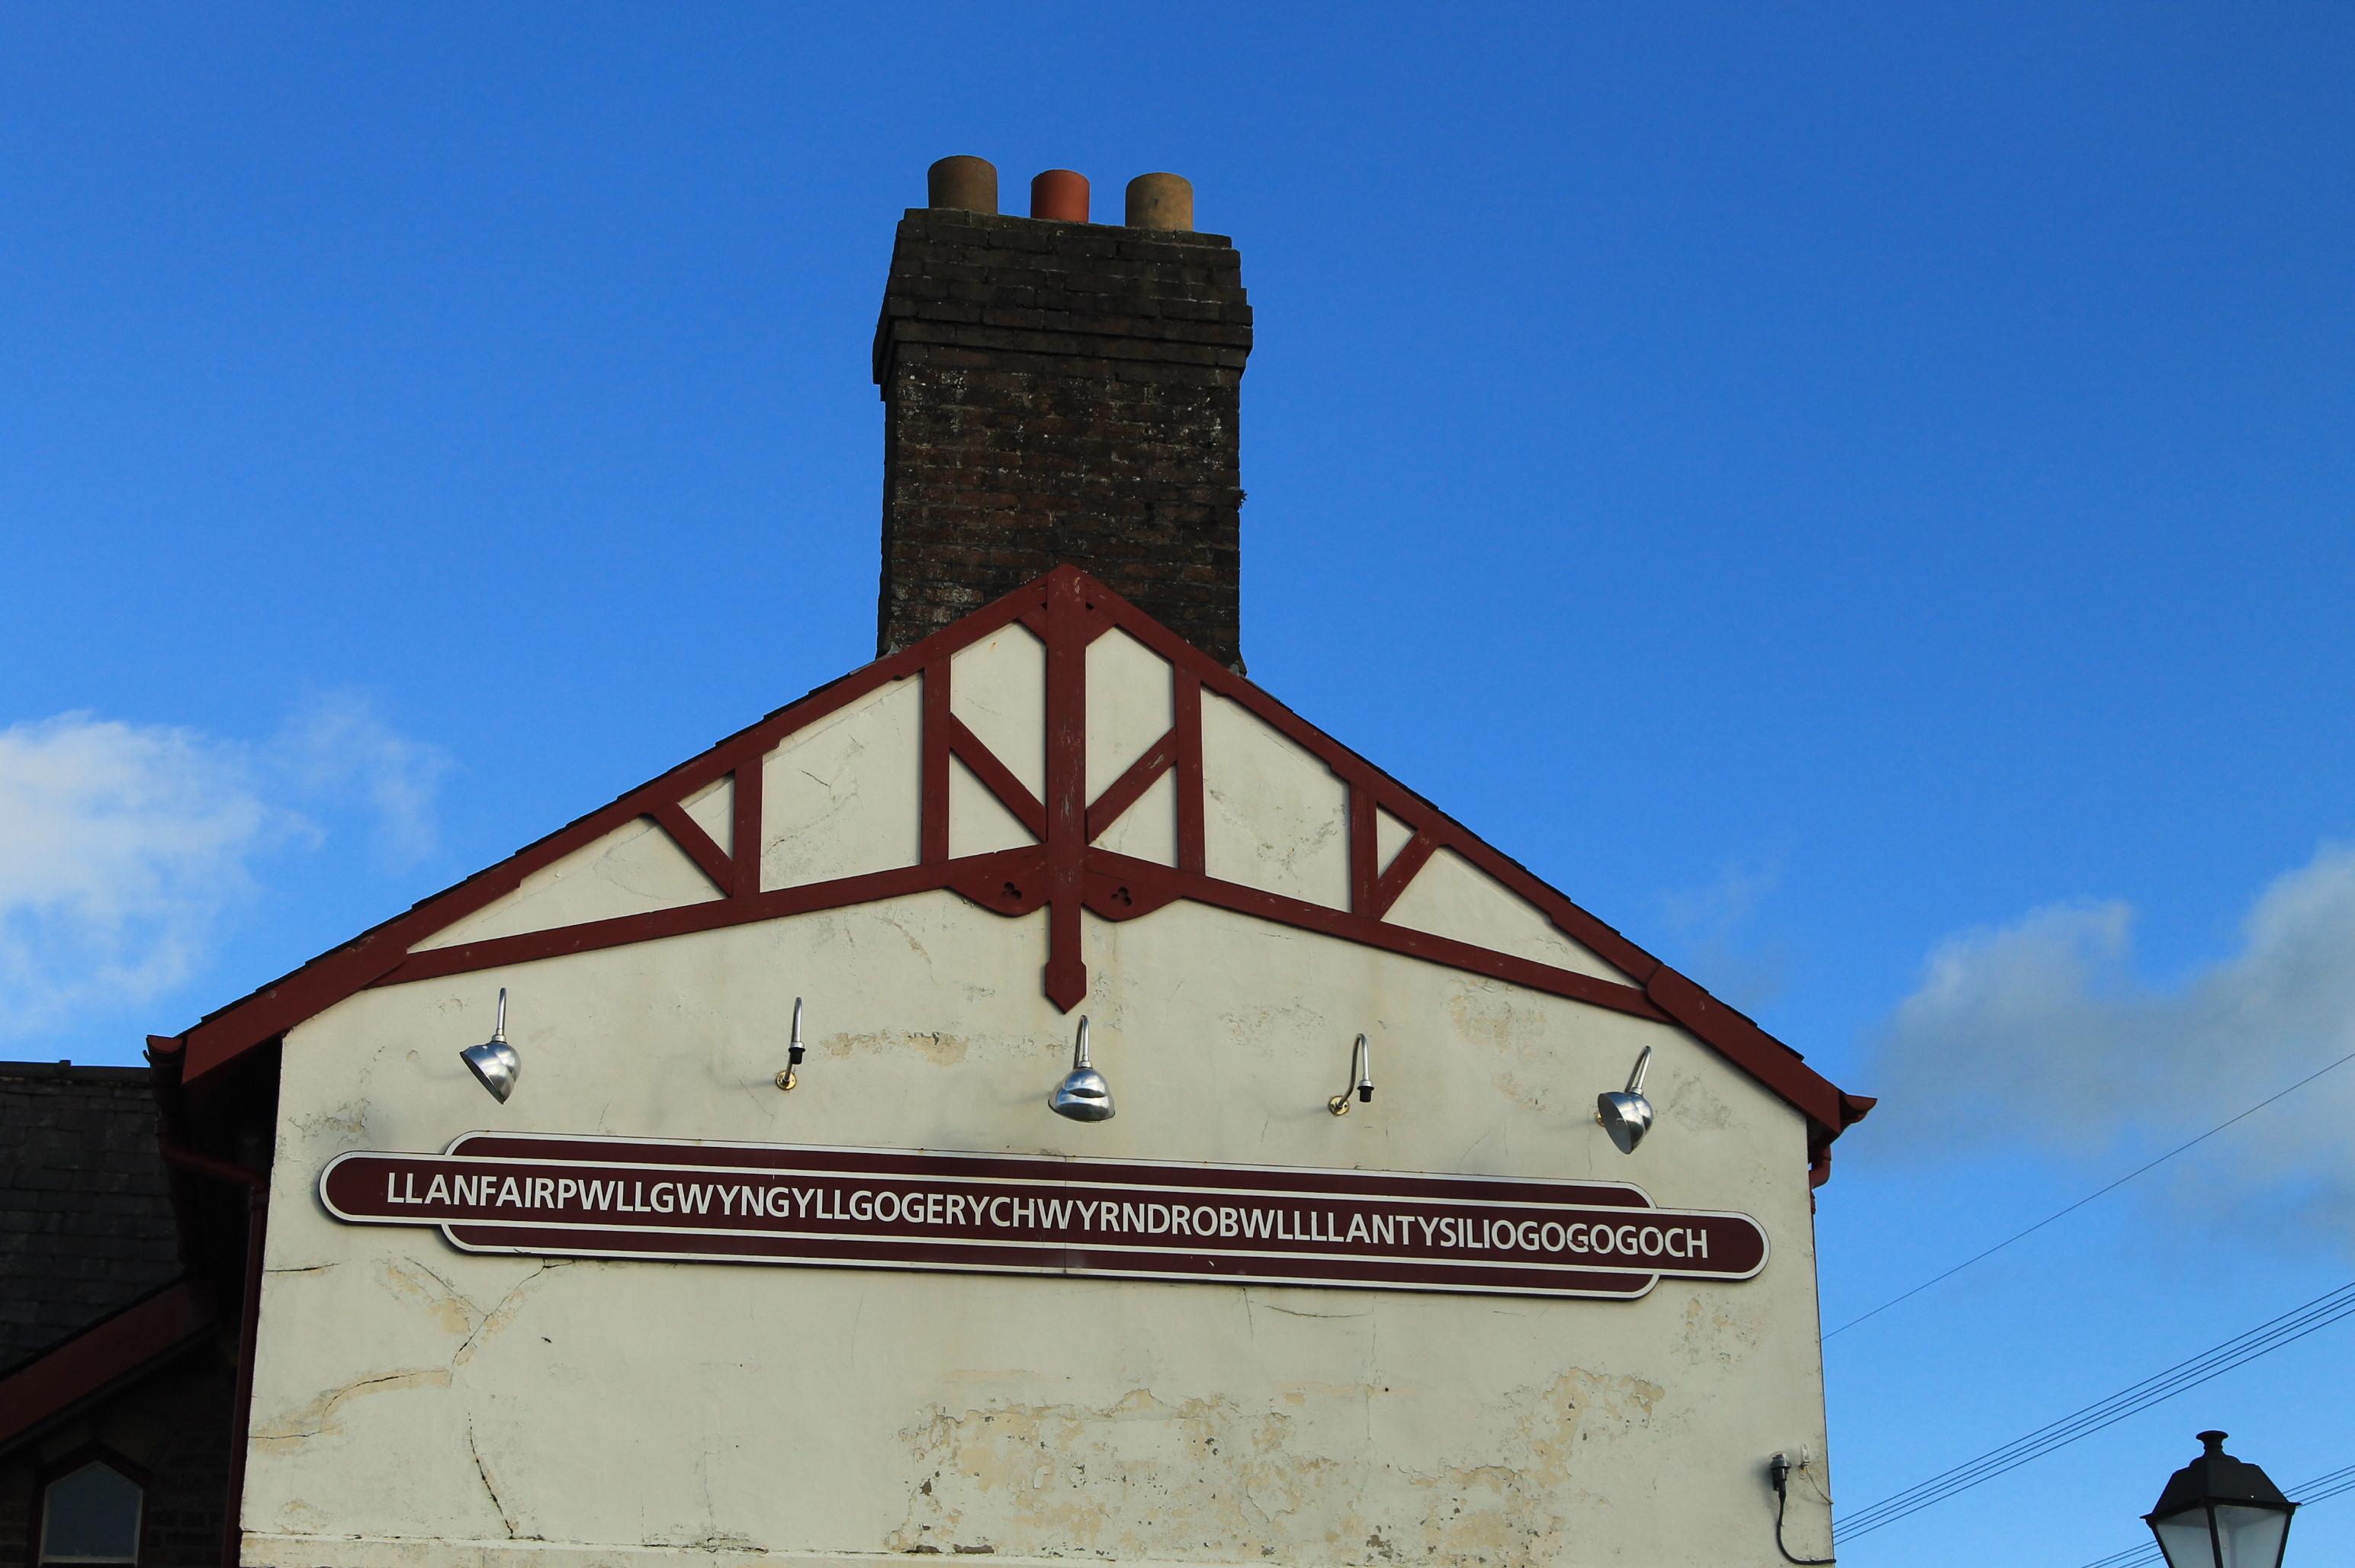 estacao de trem com o maior nome de uma cidade no reino unido que fica no pais de gales llanfair